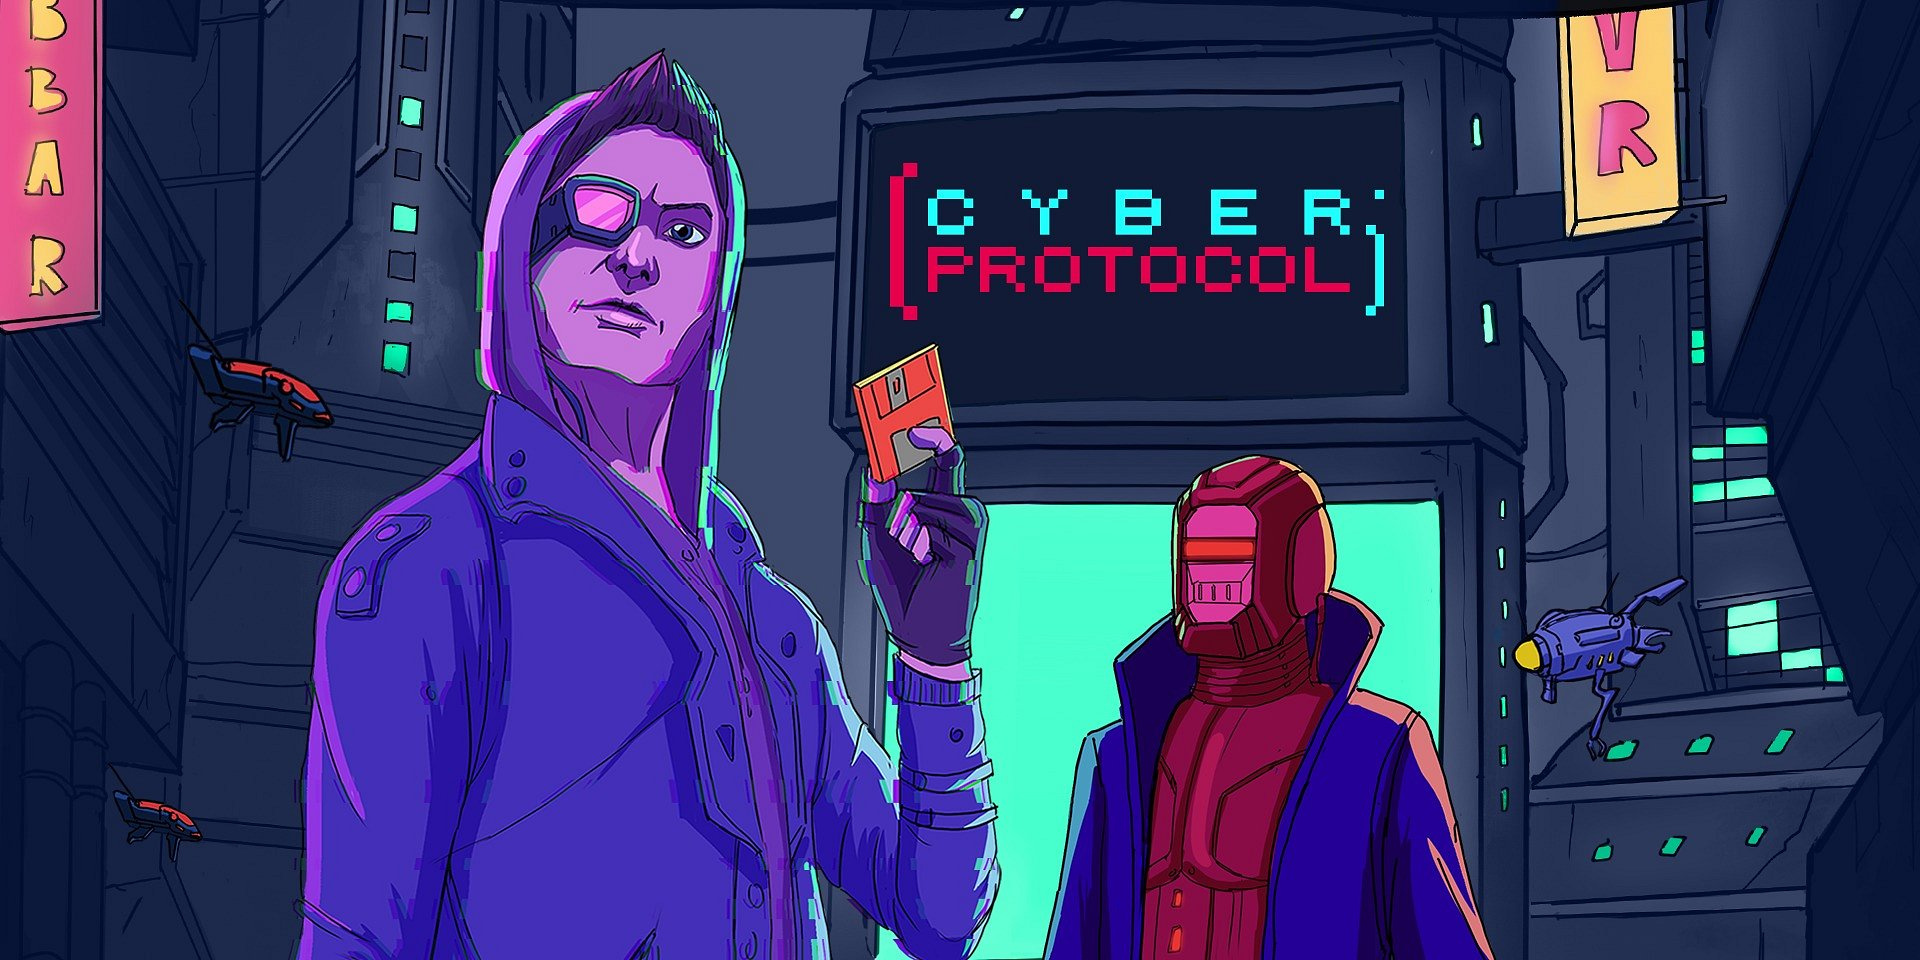 Devenez meilleur que Hackerman dans le jeu de piratage d'arcade - Cyber Protocol en exclusivité pour Nintendo Switch